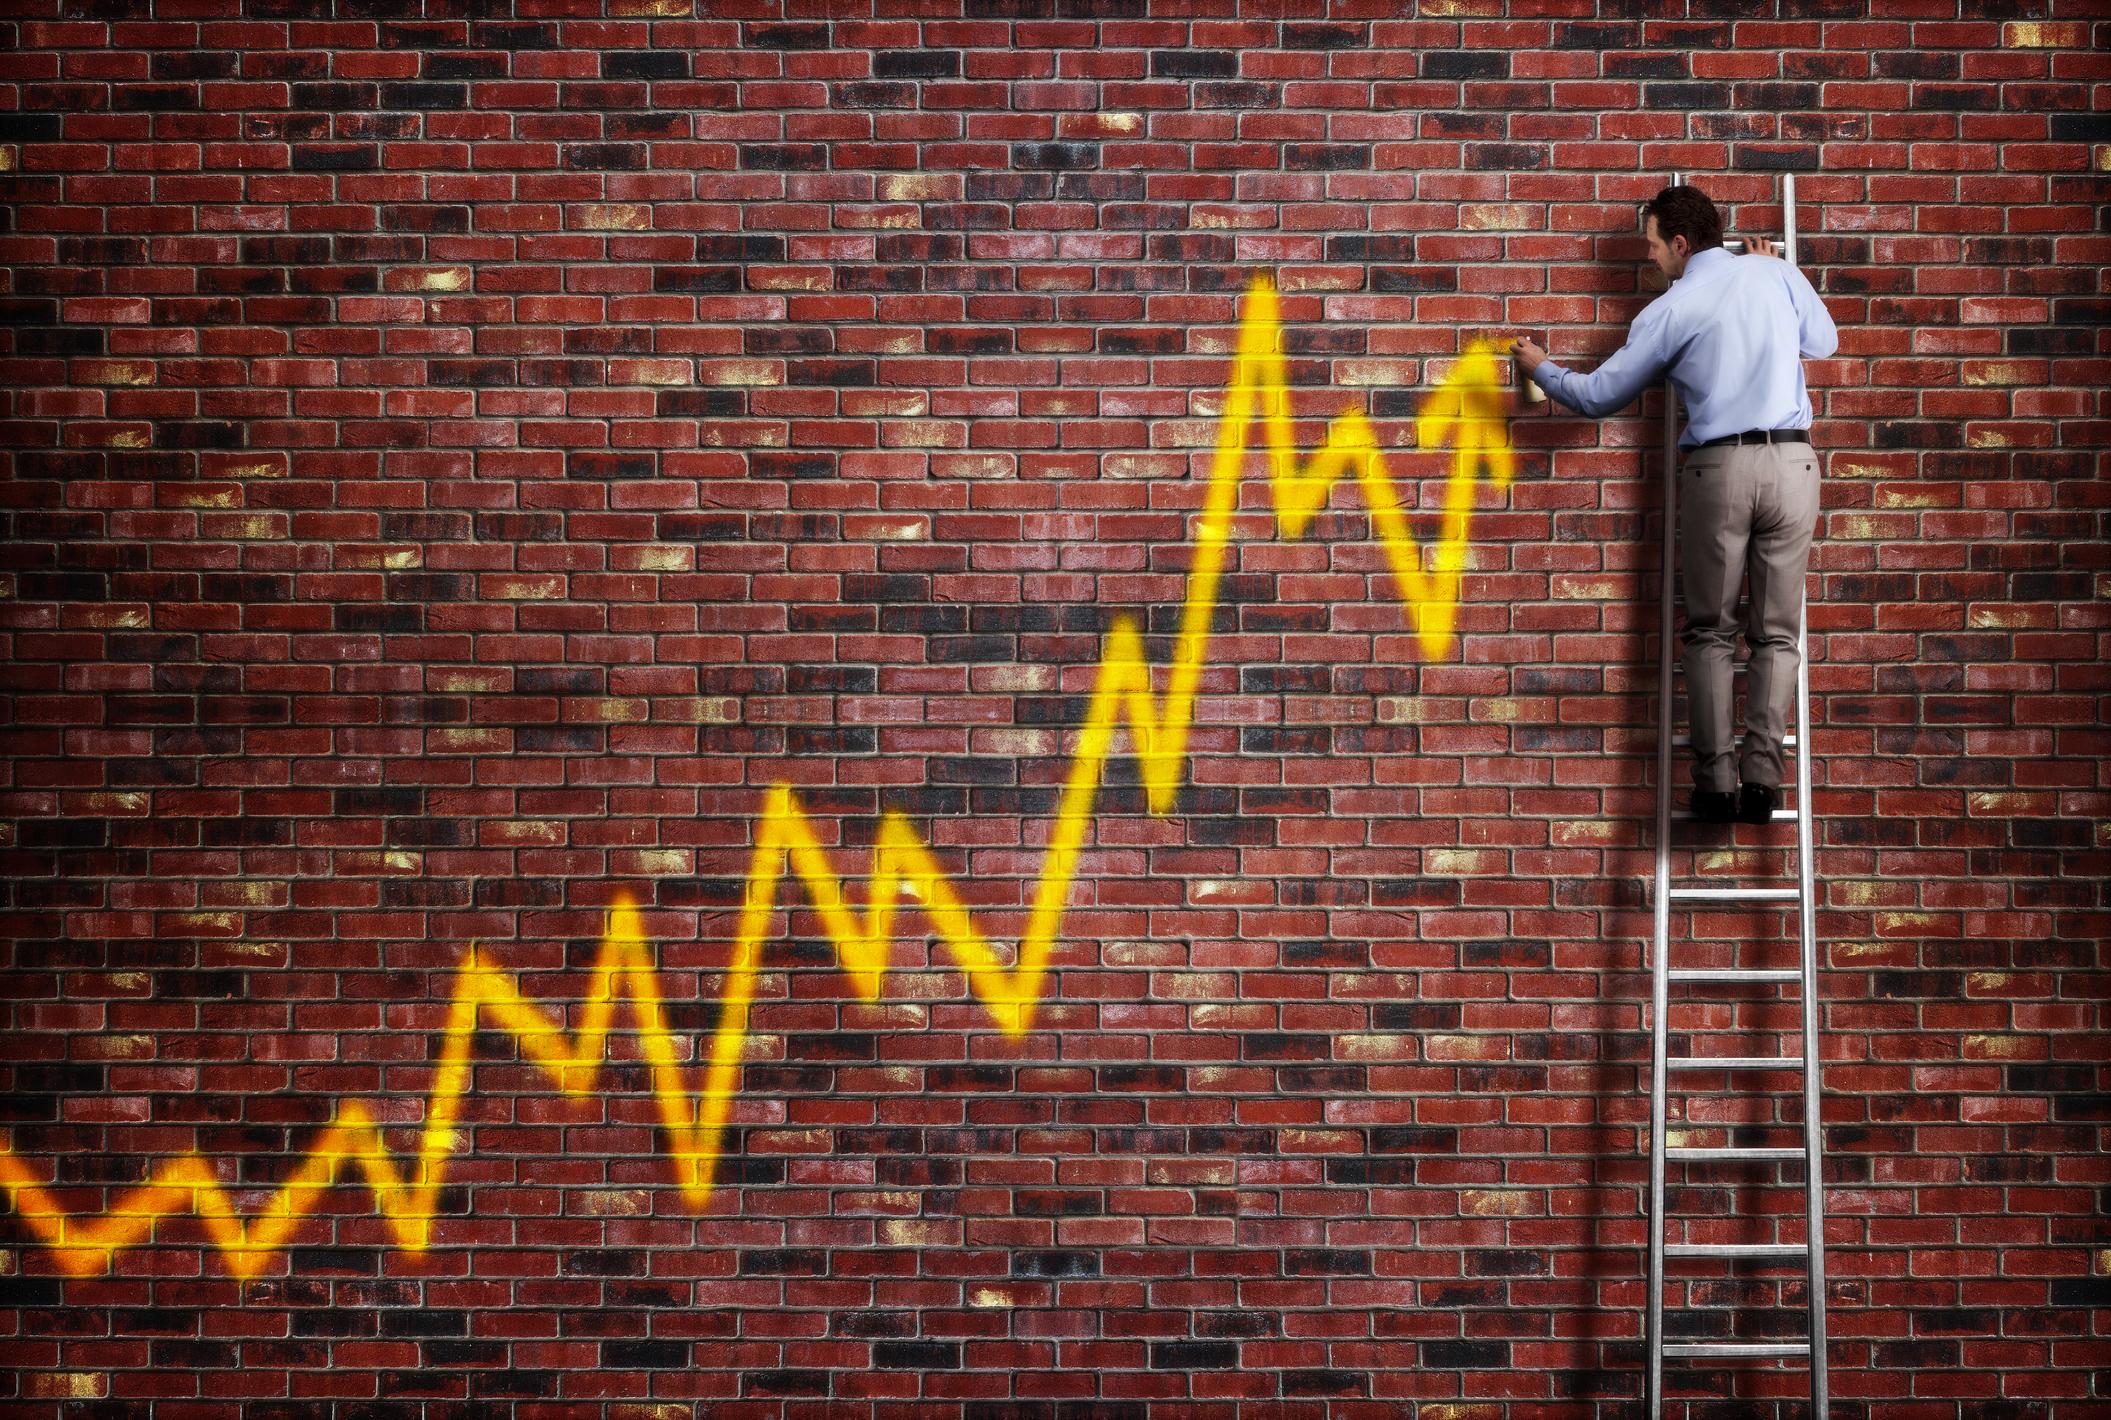 Man on ladder drawing upward yellow chart on a brick wall